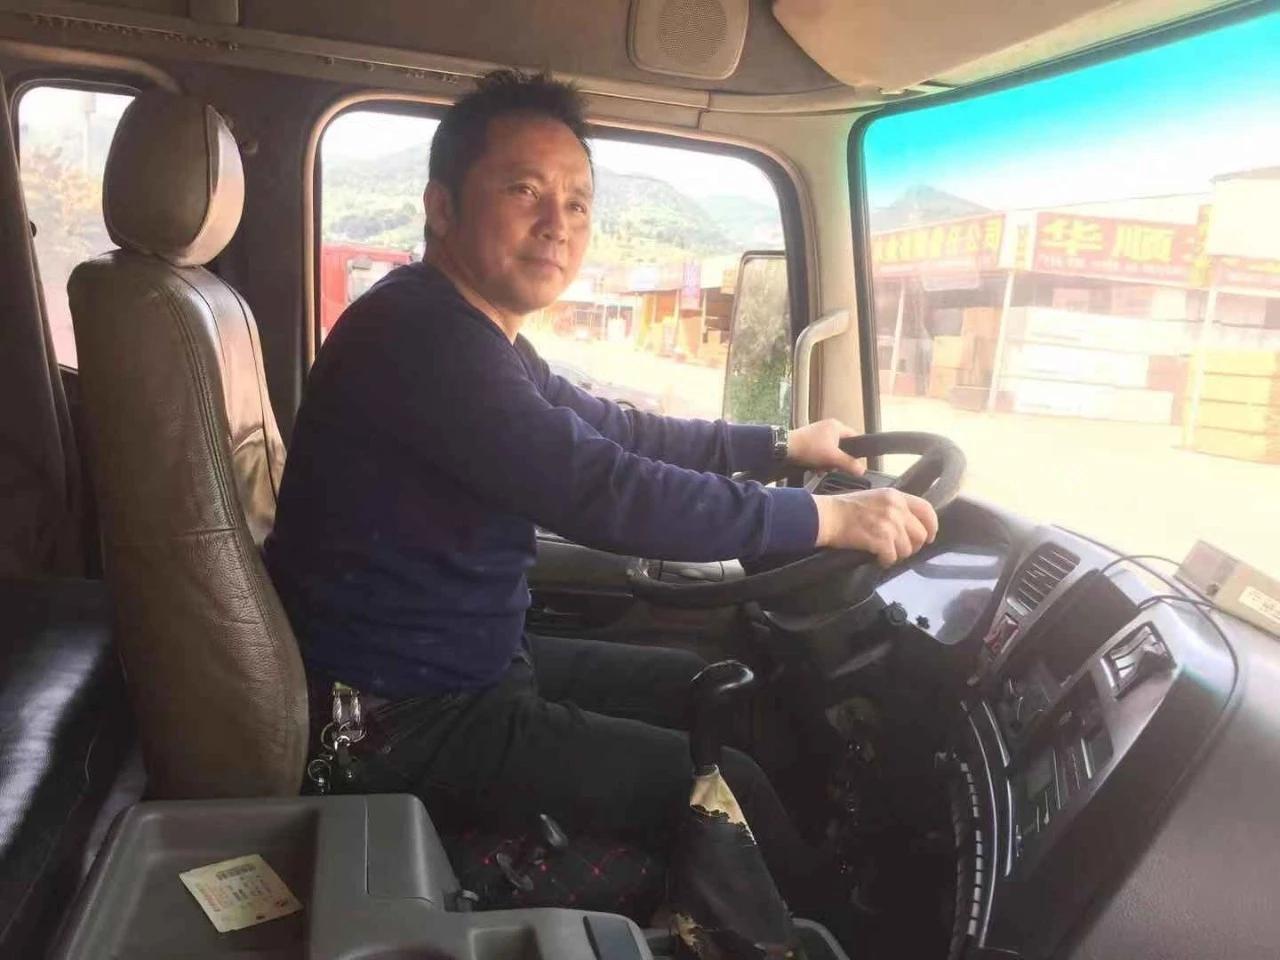 大卡车司机5年创作歌词300多首:妻子曾不理解和他吵架,写首歌把她感动